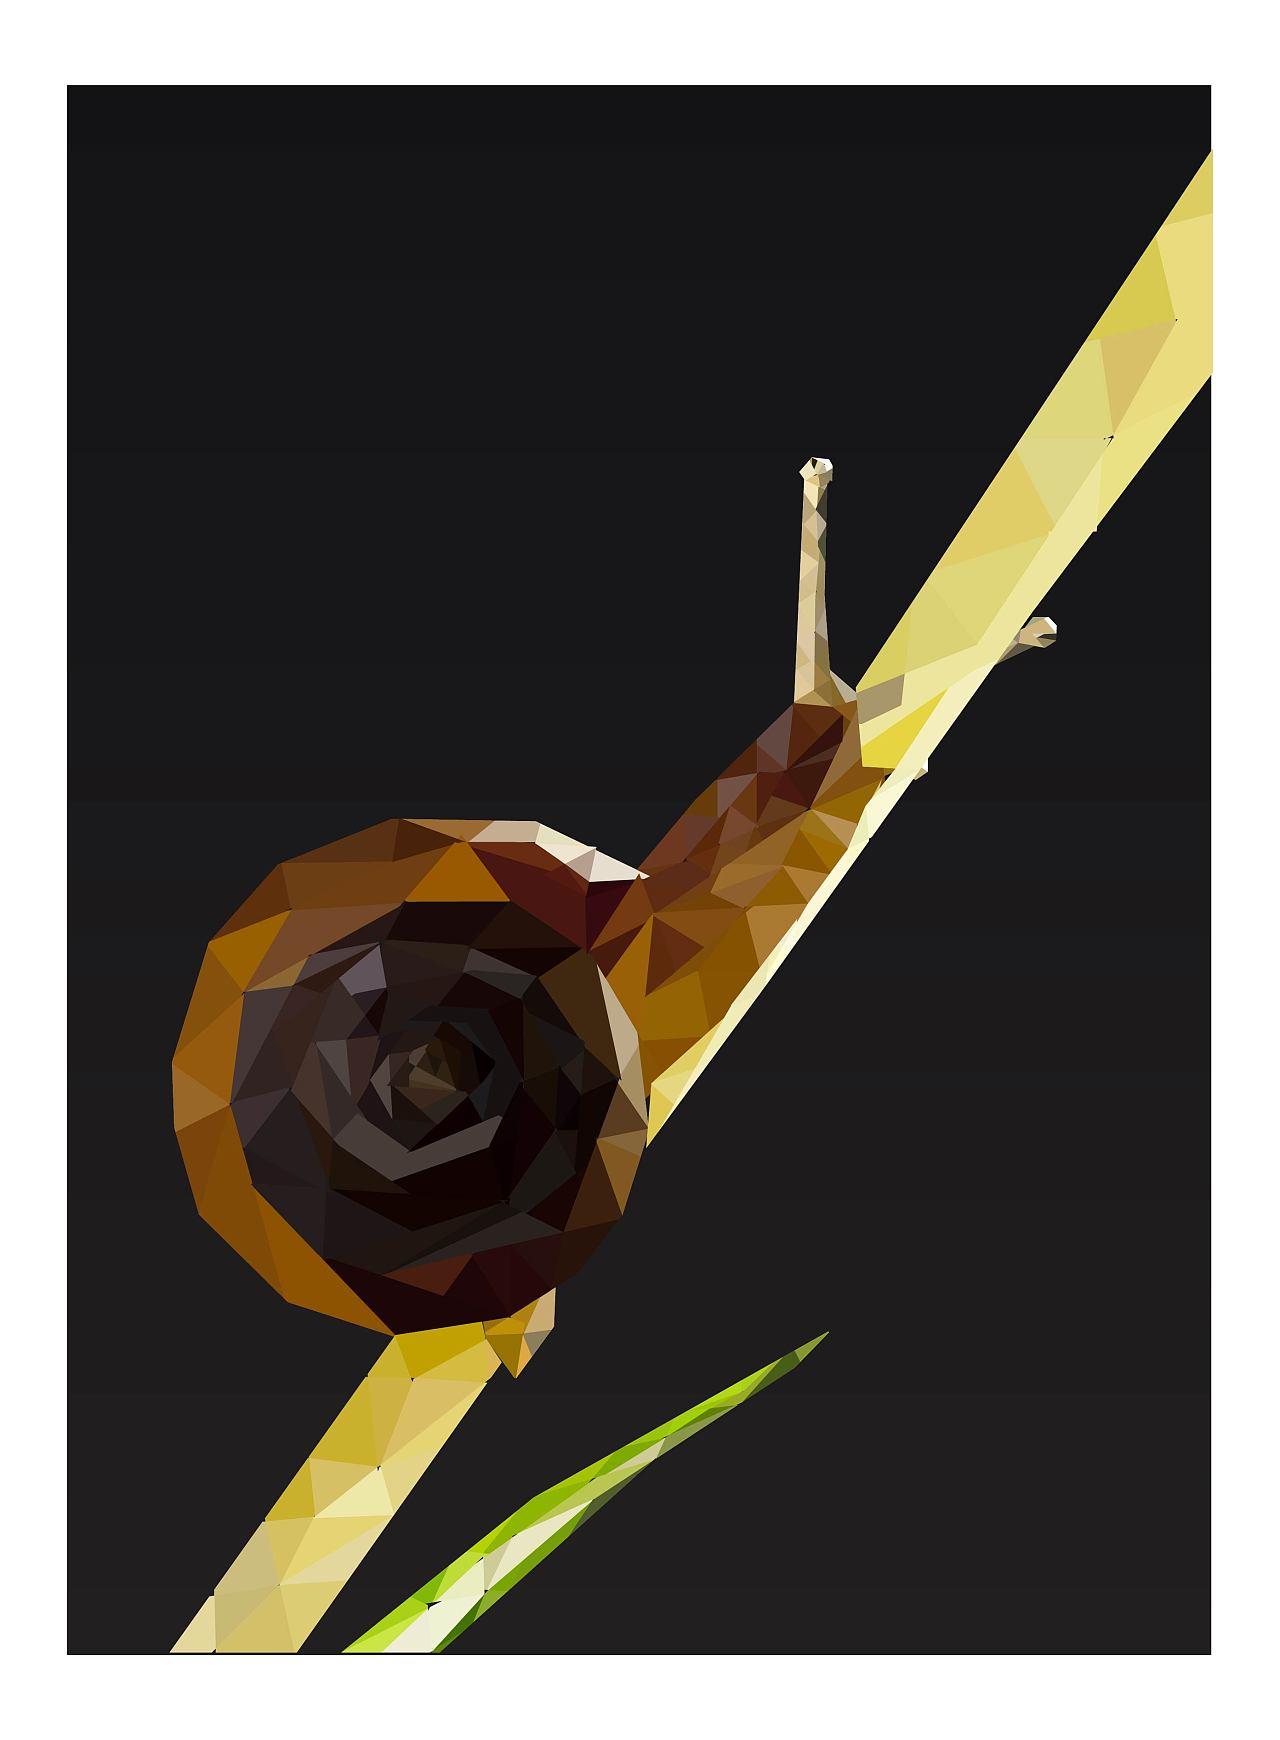 《蜗牛》合唱谱正谱